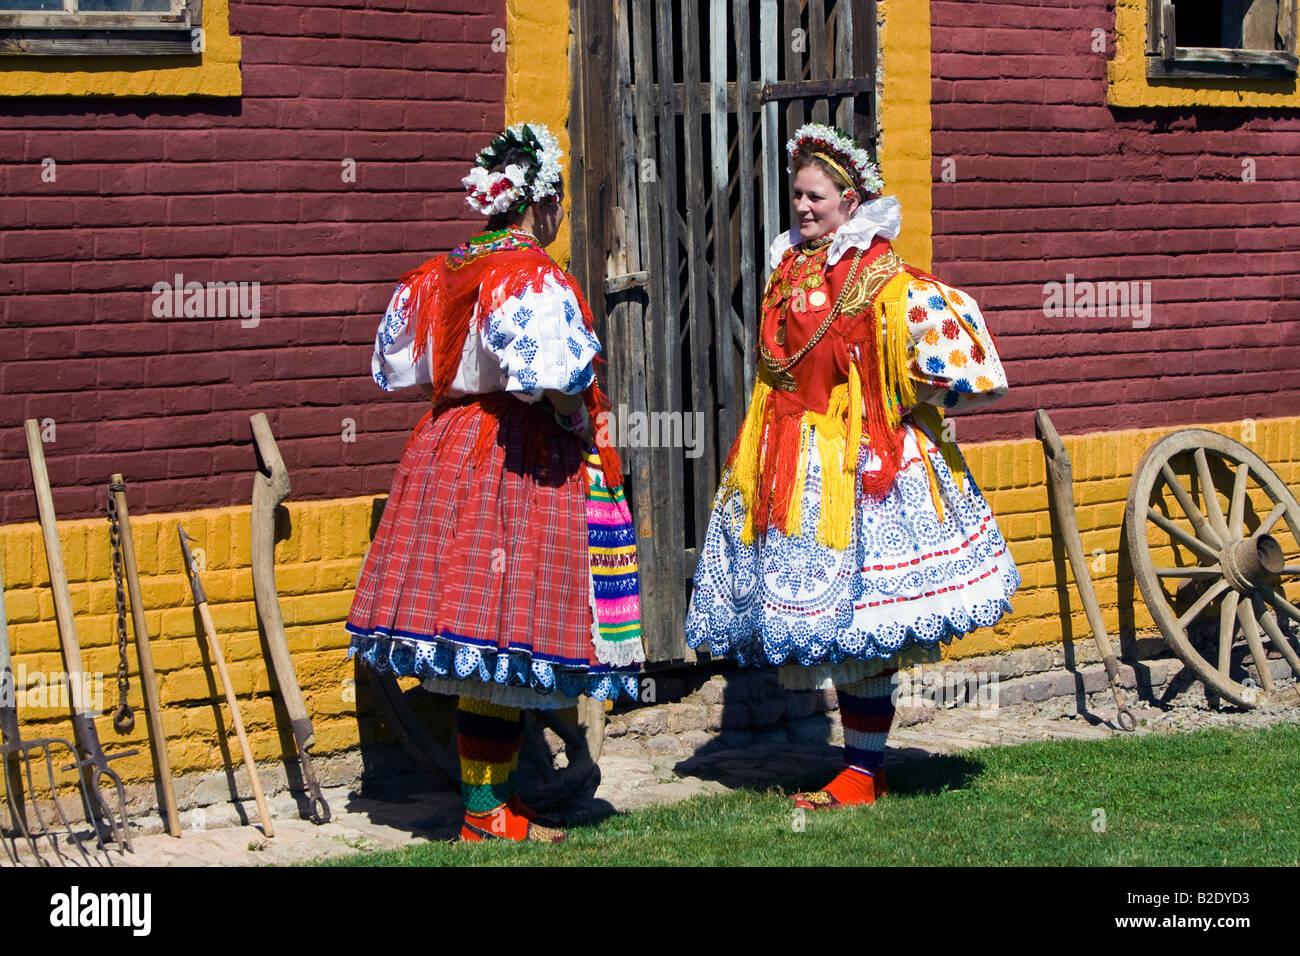 Avec Les La Filles Traditionnel Robe De L'habit L'agence Croate Pour reCxWBQdo